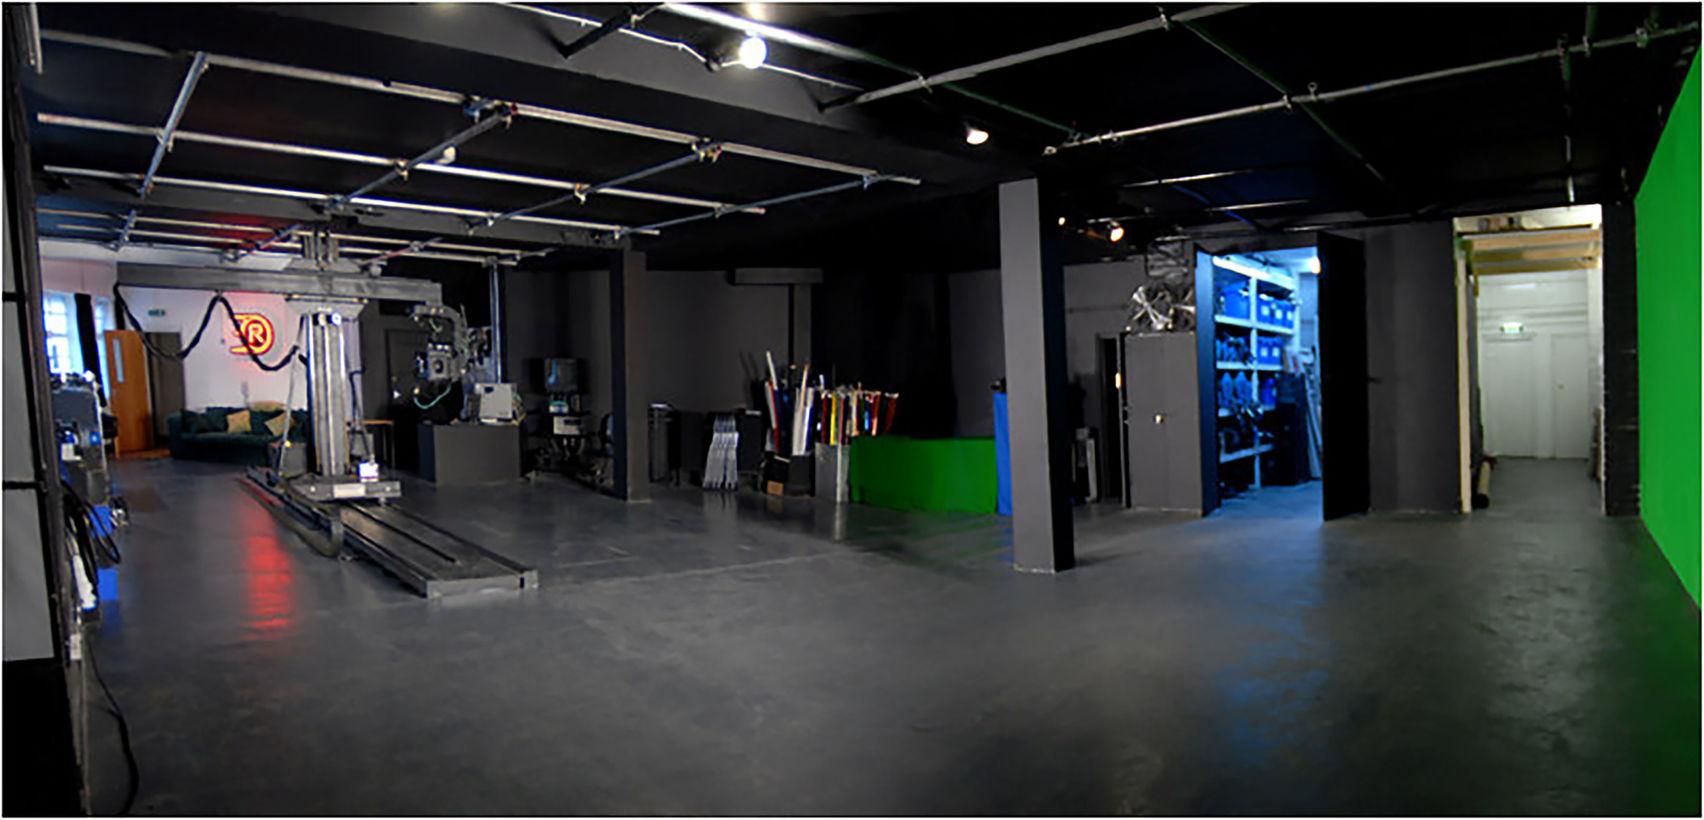 Itch Studio, 1 Mackenzie Rd